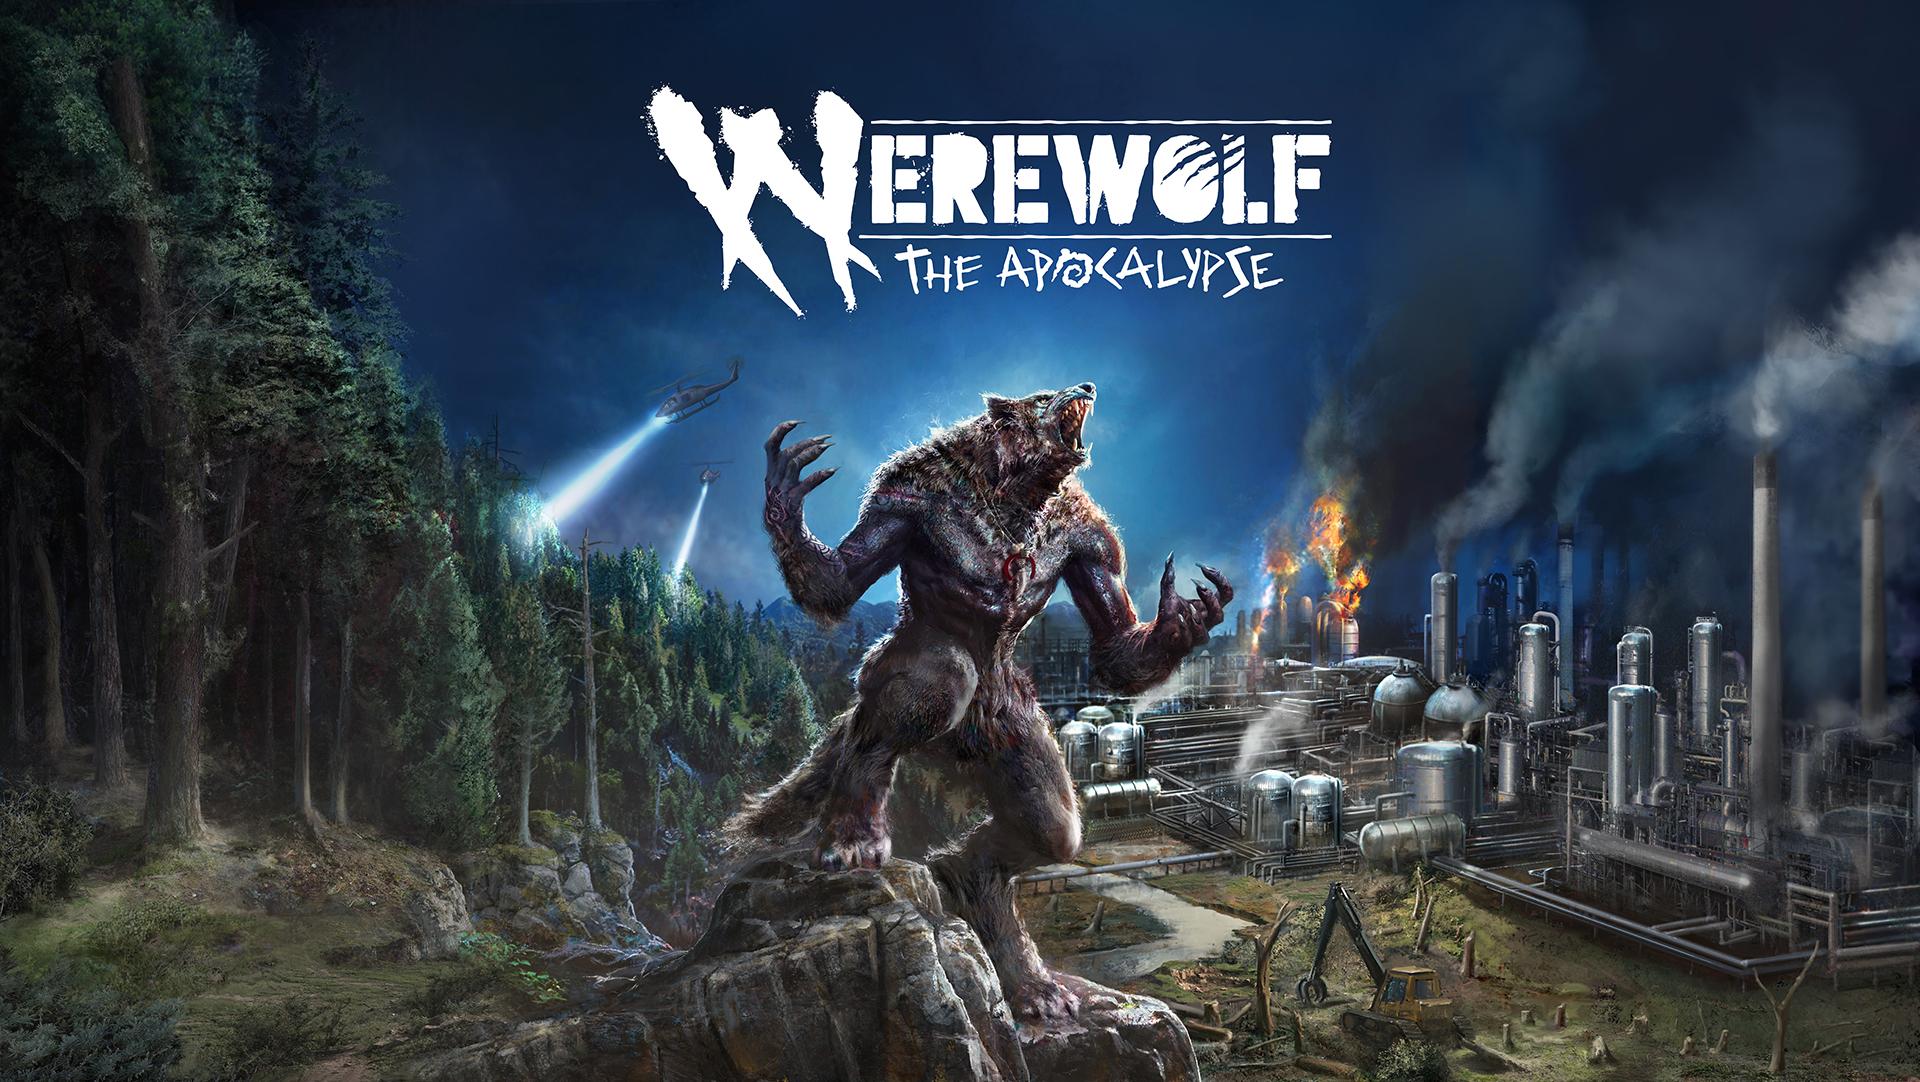 https://i13c.3djuegos.com/juegos/14443/werewolf_the_apocalypse/fotos/maestras/werewolf_the_apocalypse-3956033.jpg